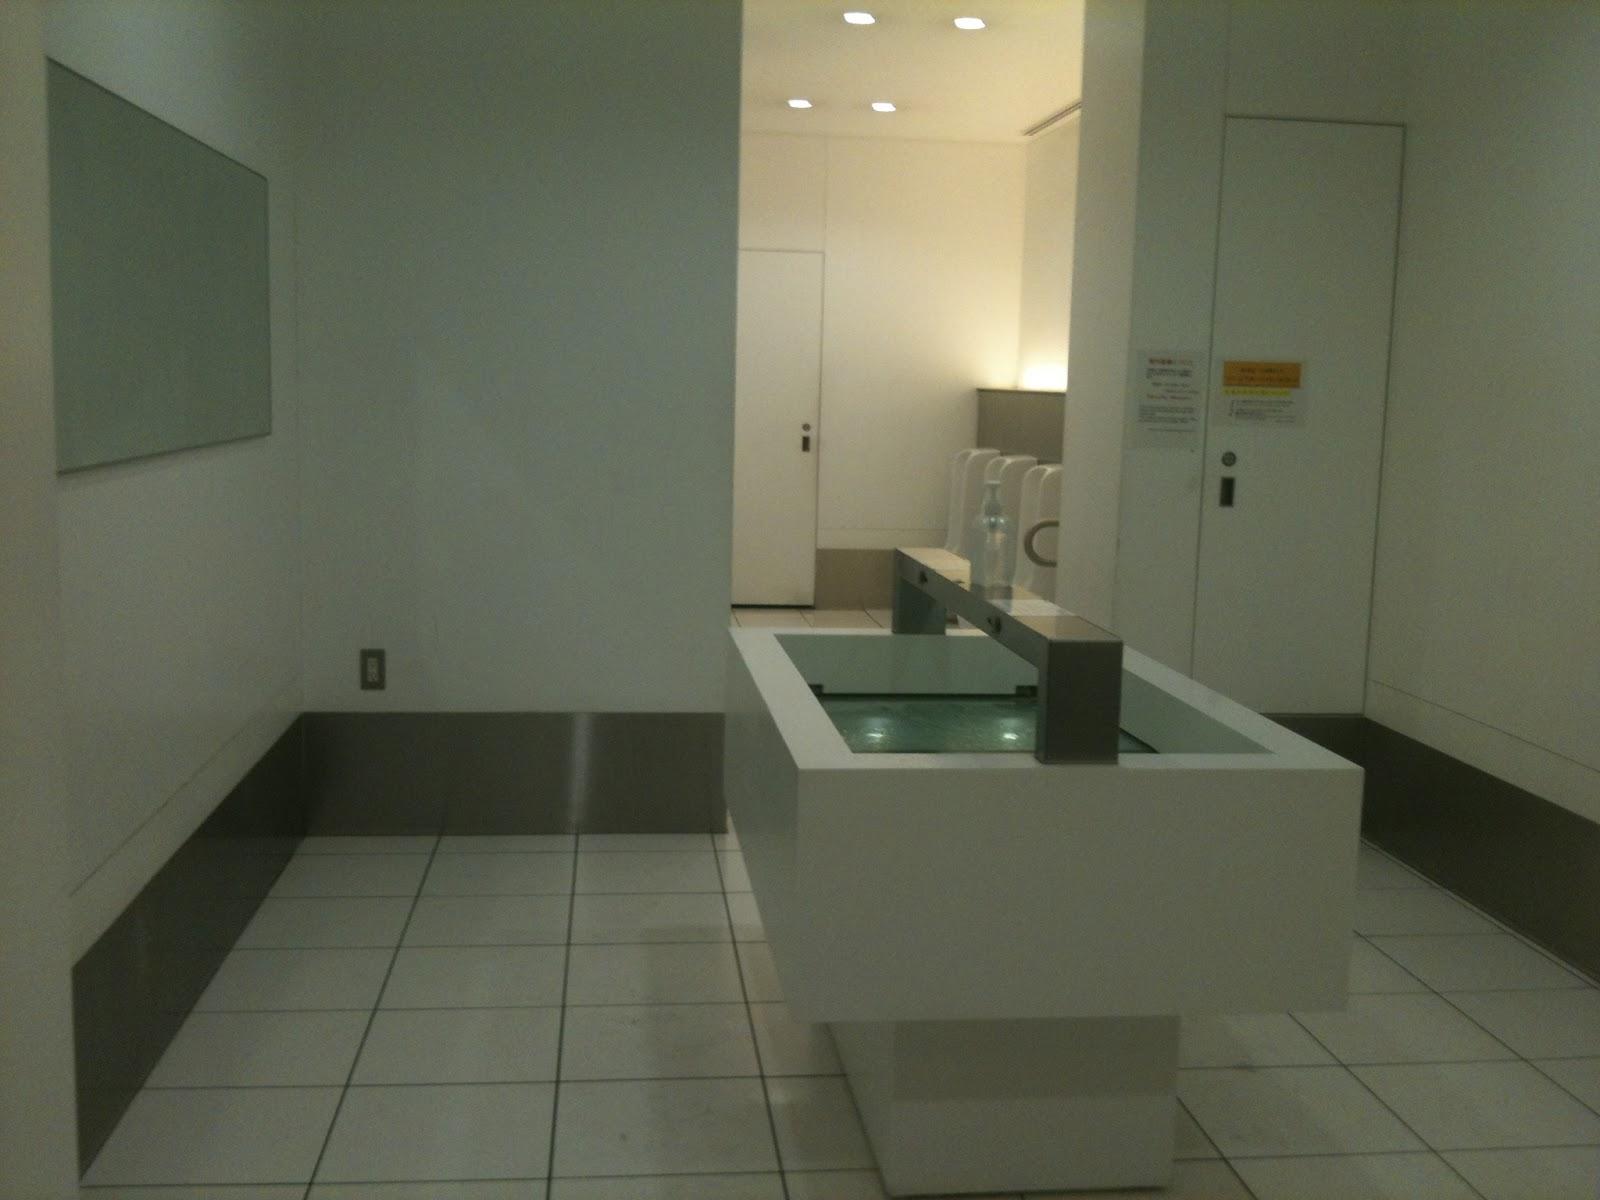 Baño minimalista, público y limpio... ¡¿o una abducción ...